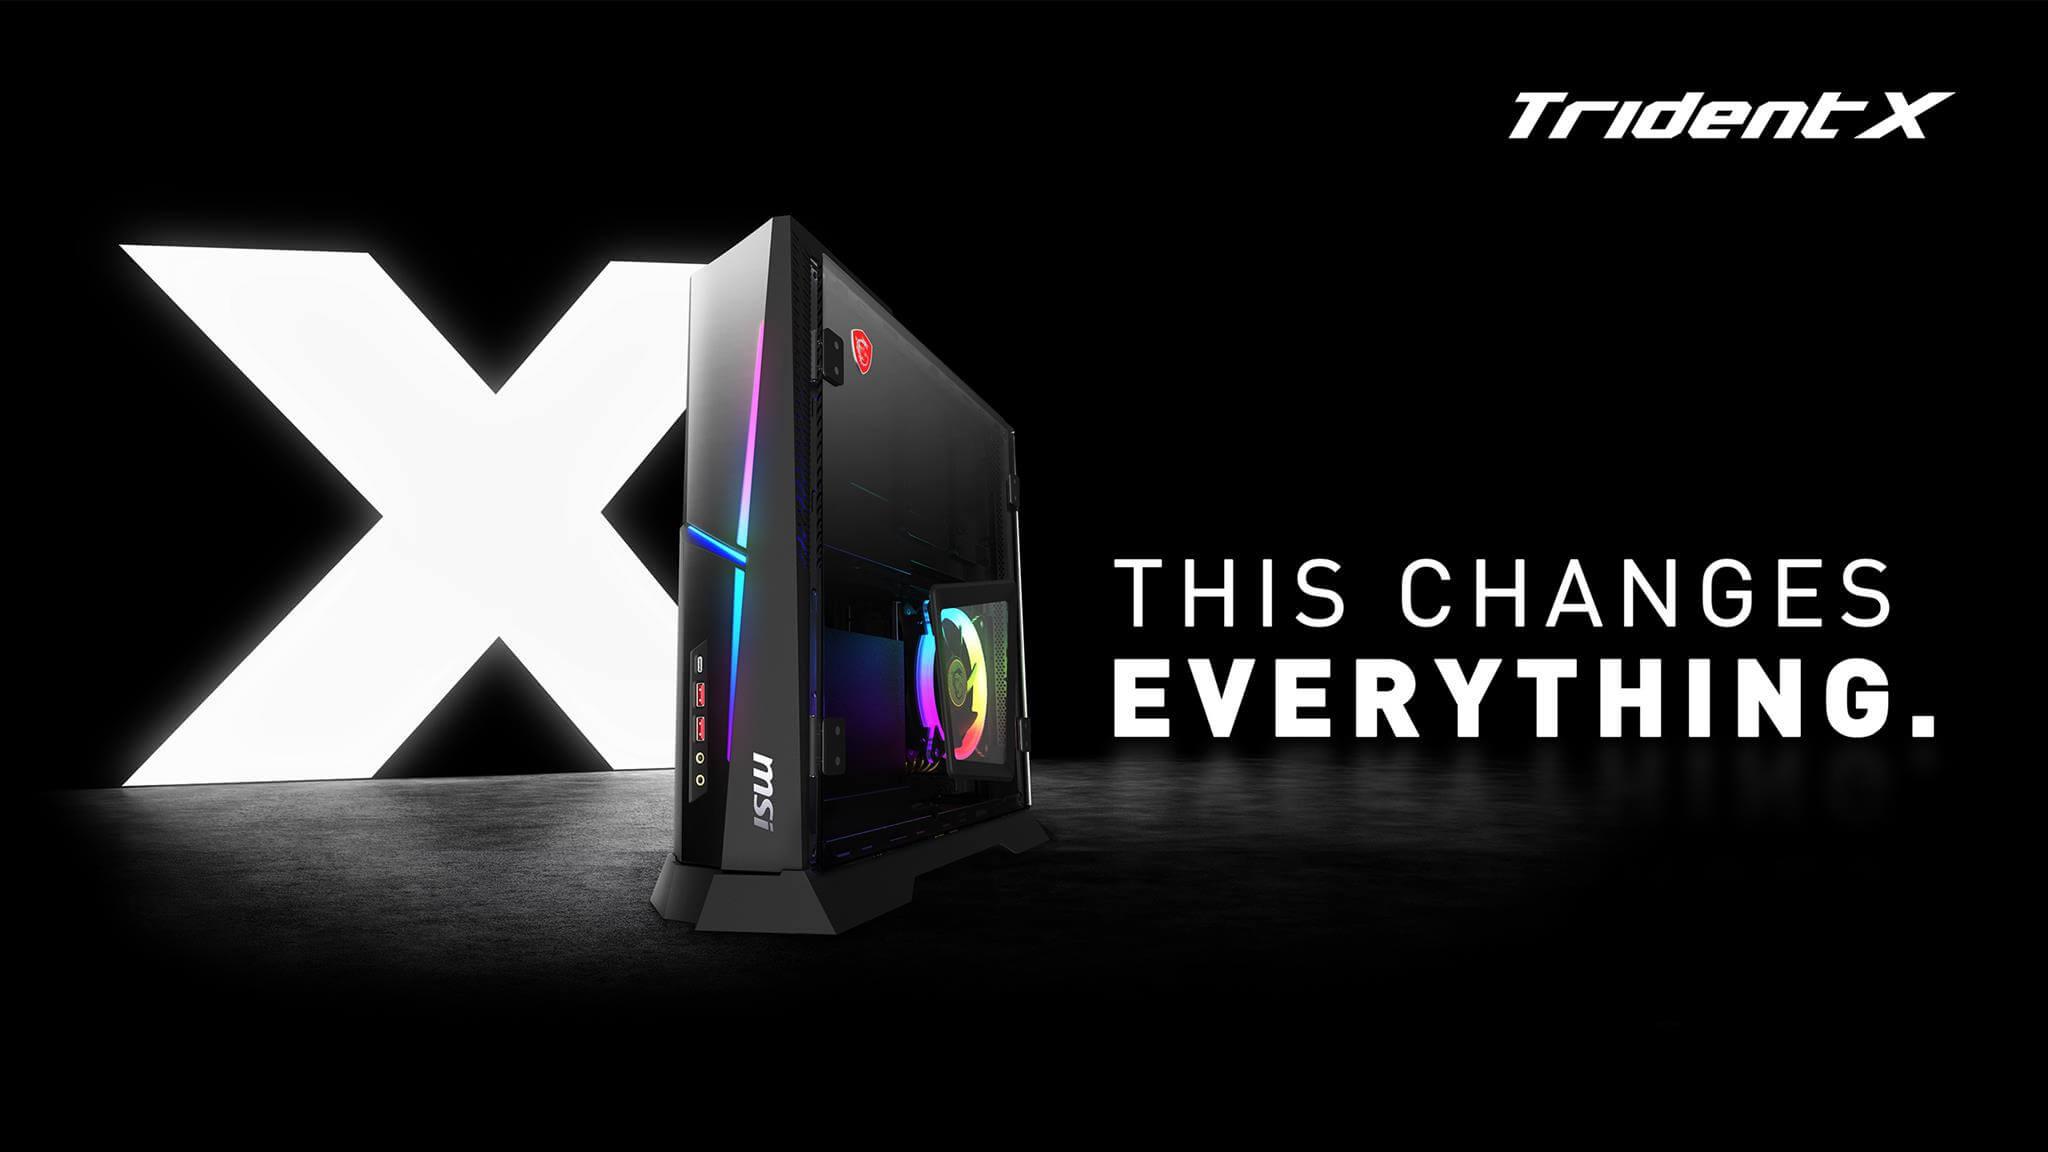 tridentx-kv-logo-2-2560x1440.jpg